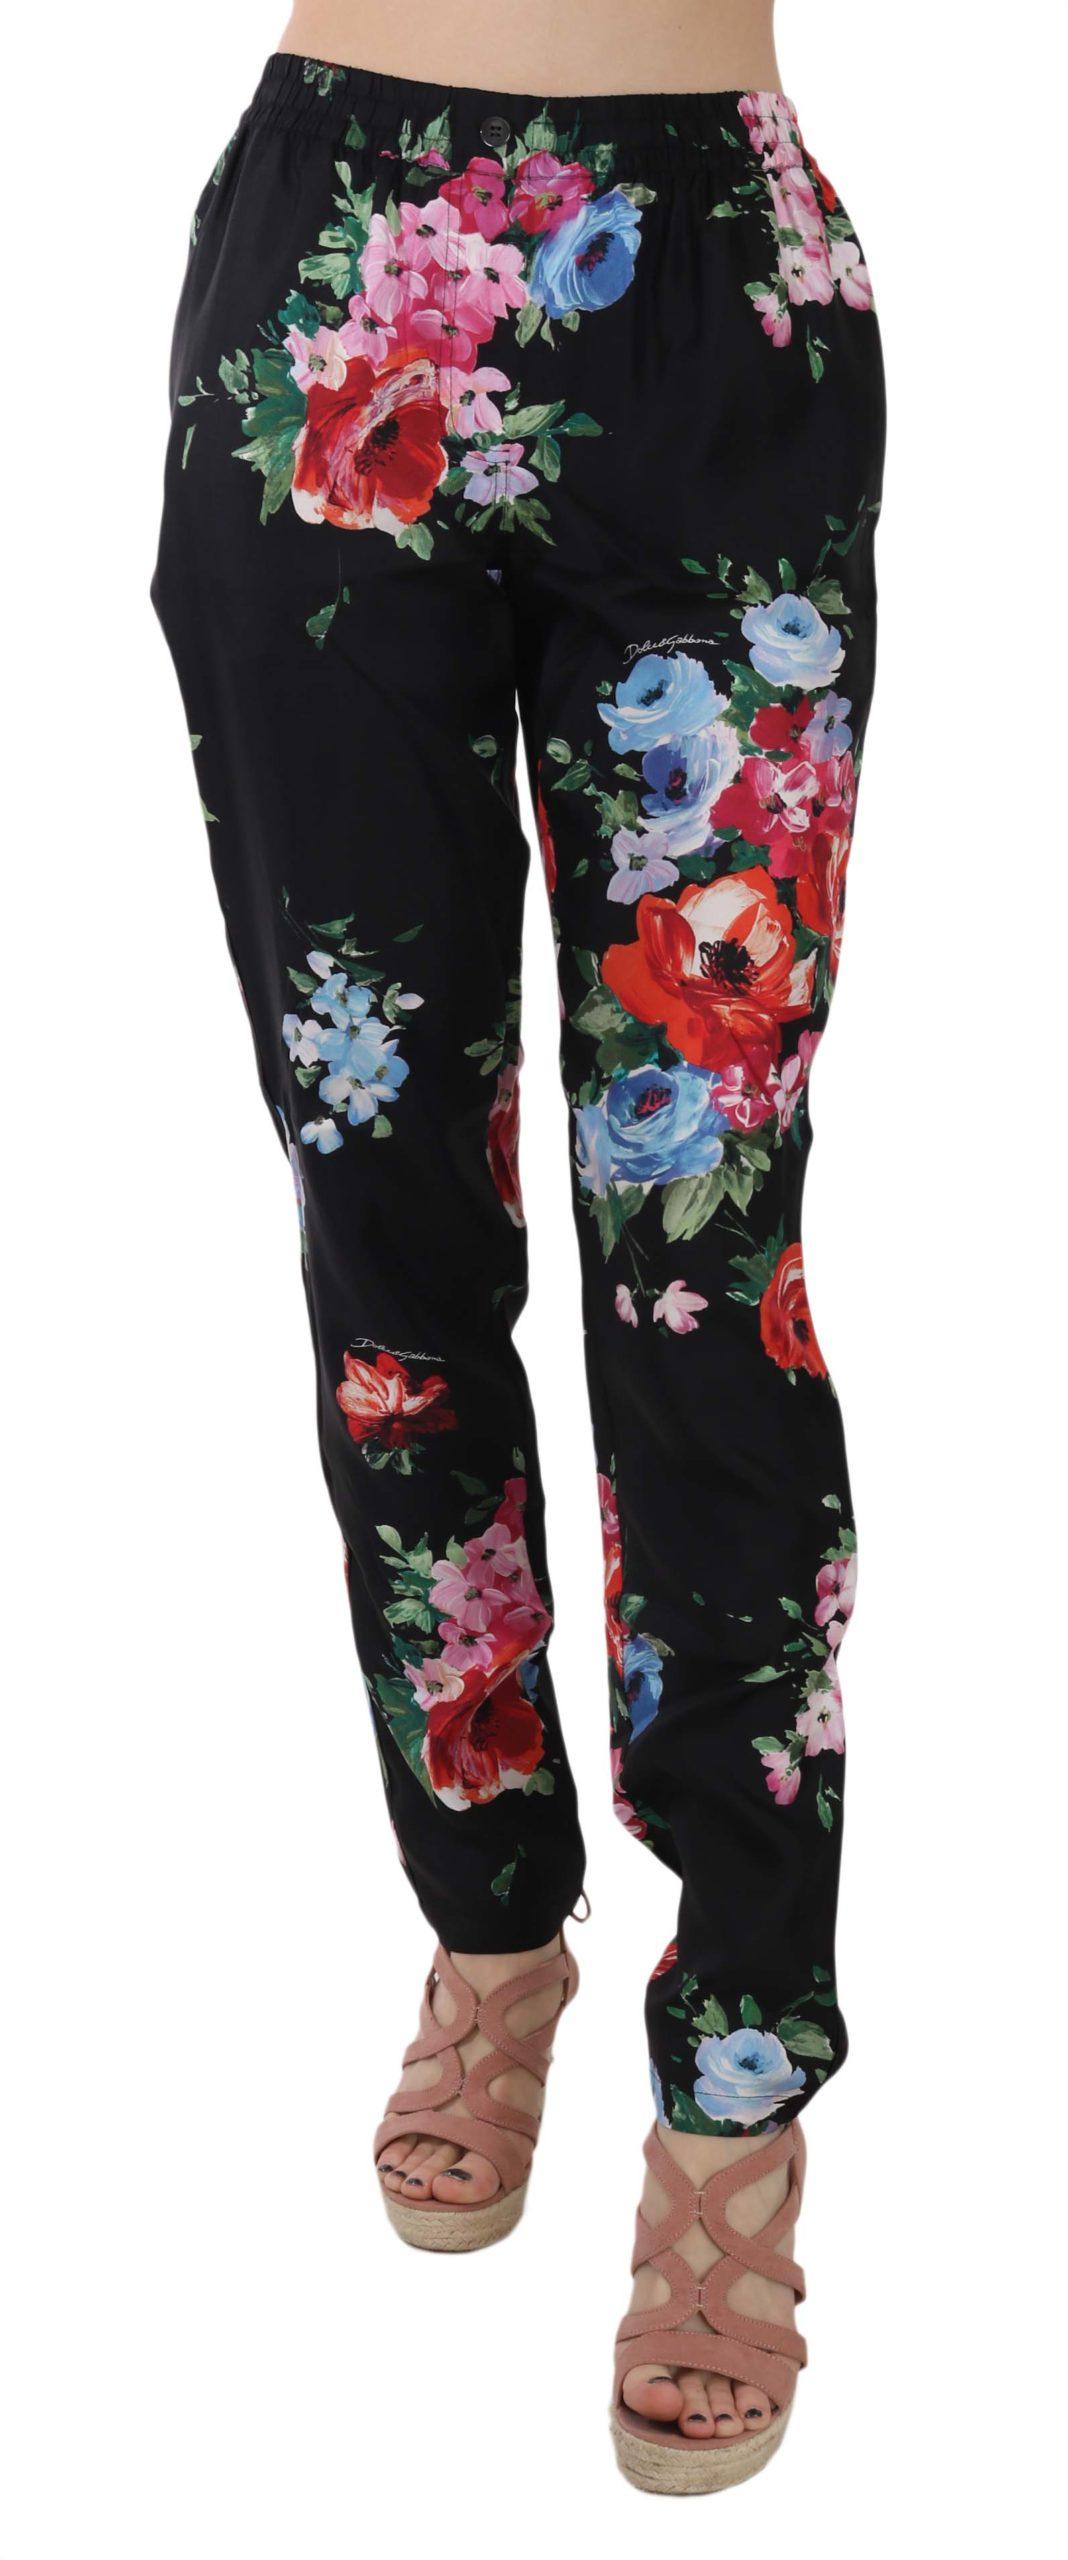 Dolce & Gabbana Women's Floral Print Silk Pyjama Style Trouser Black PAN70022 - IT38|XS